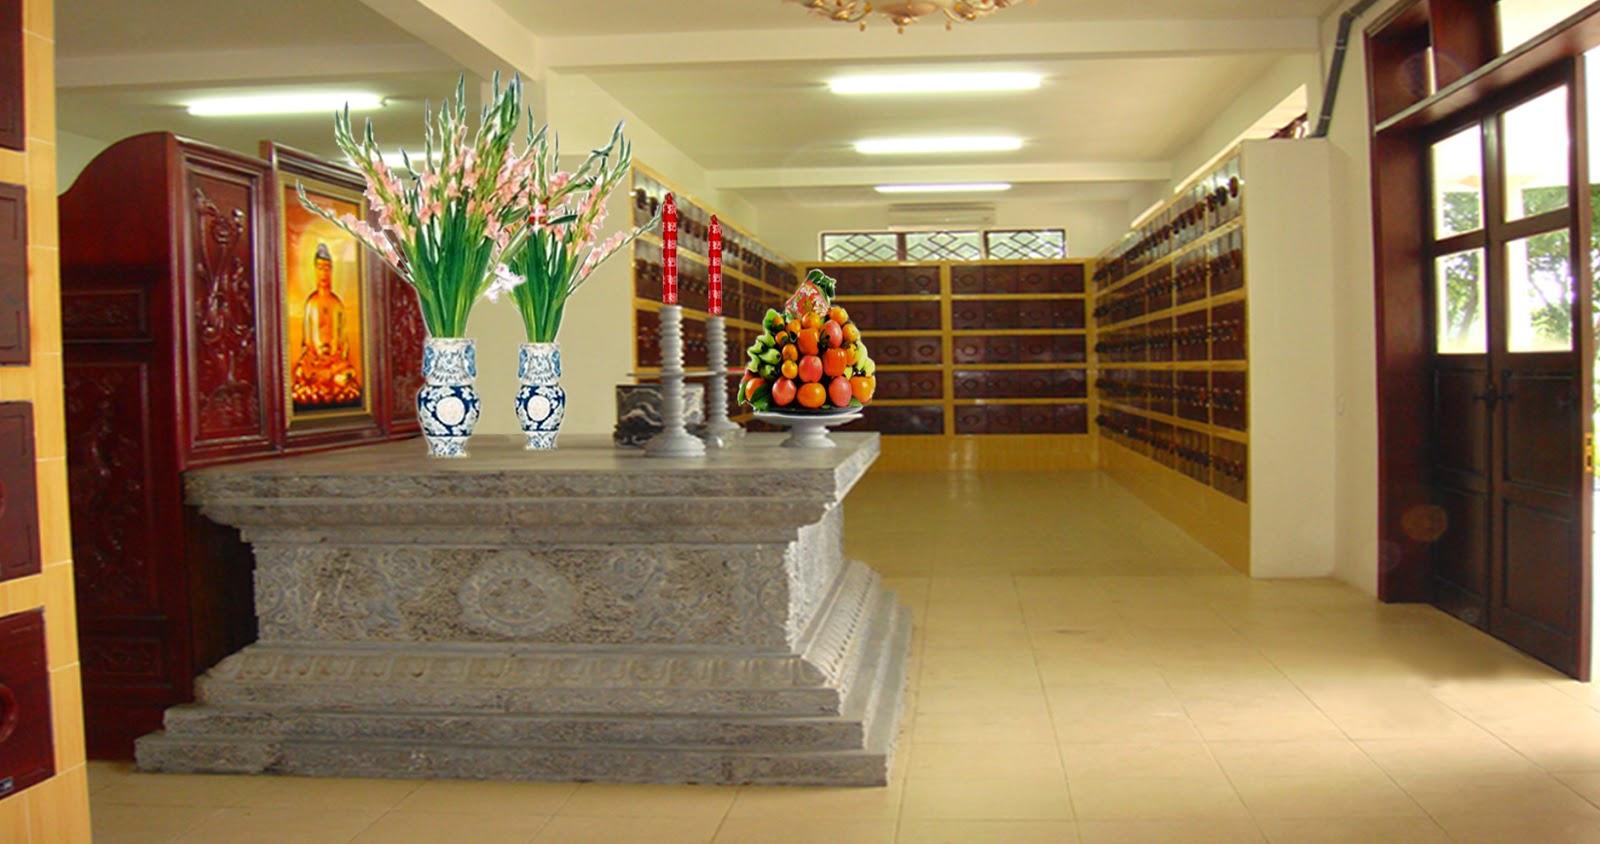 Nhà Lưu Tro Cốt tại Hoa Viên Nghĩa Trang Bình Dương